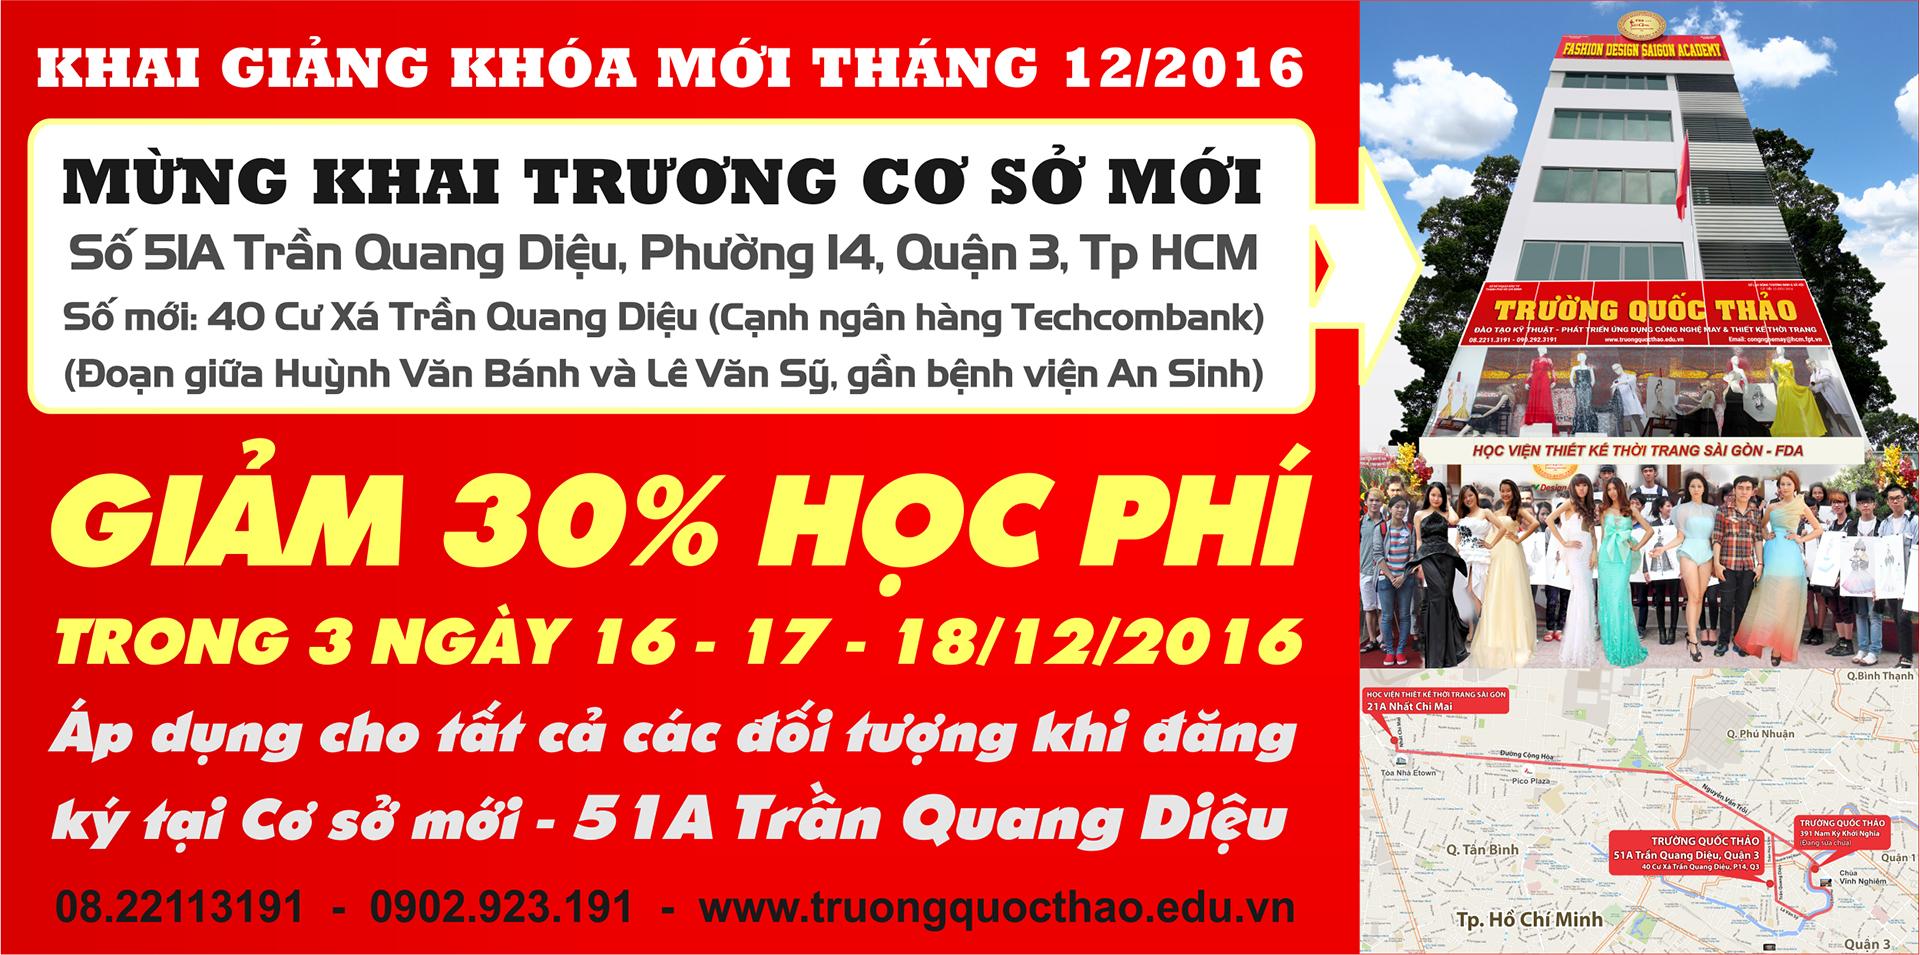 Cơ sở mới 51A Trần Quang Diệu - Quận 3